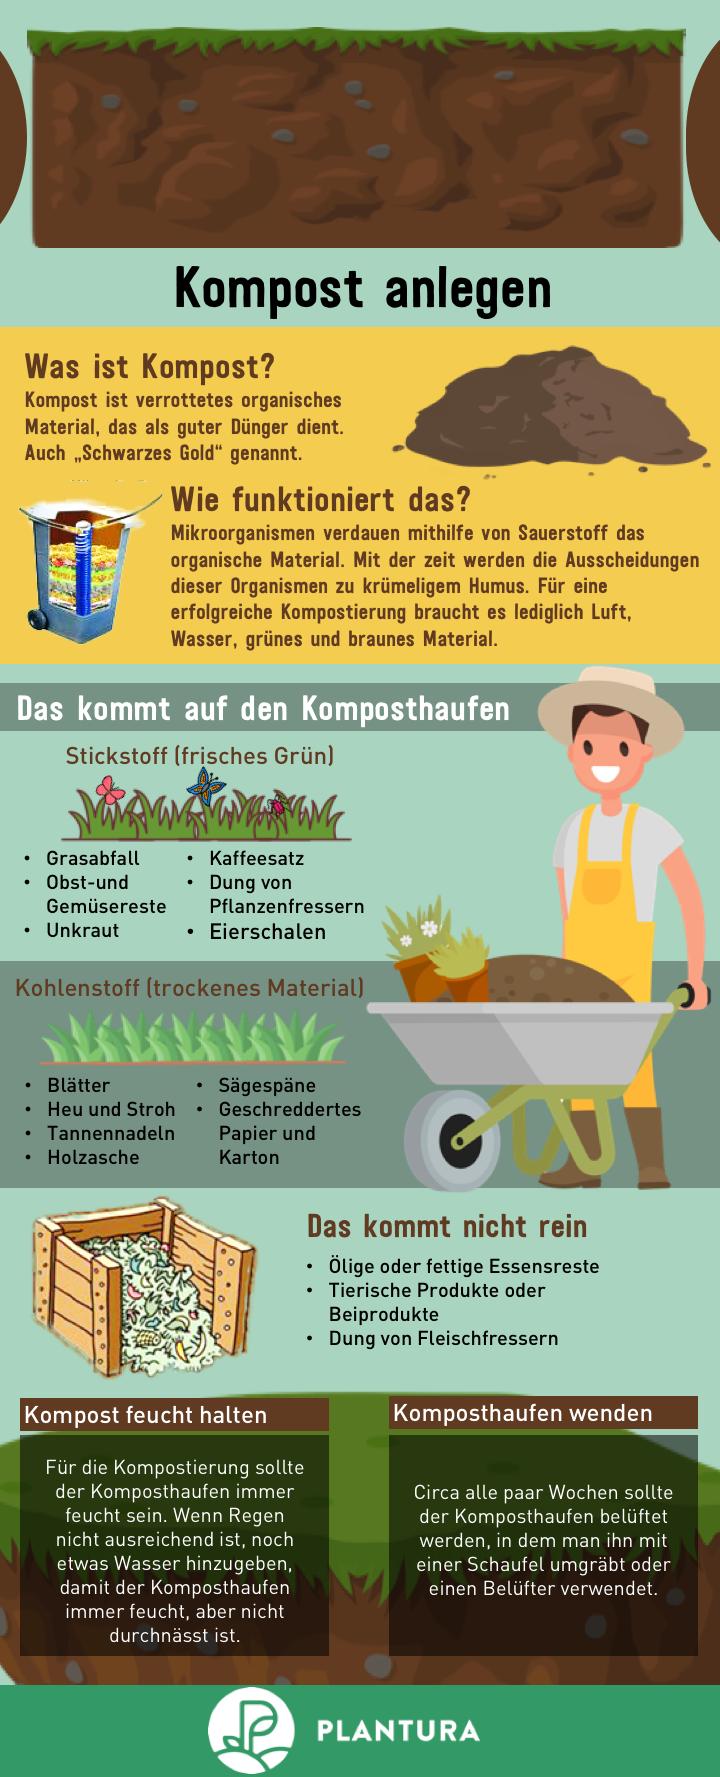 Kompost: Warum jeder Gärtner einen eigenen anlegen sollte! #beetanlegen